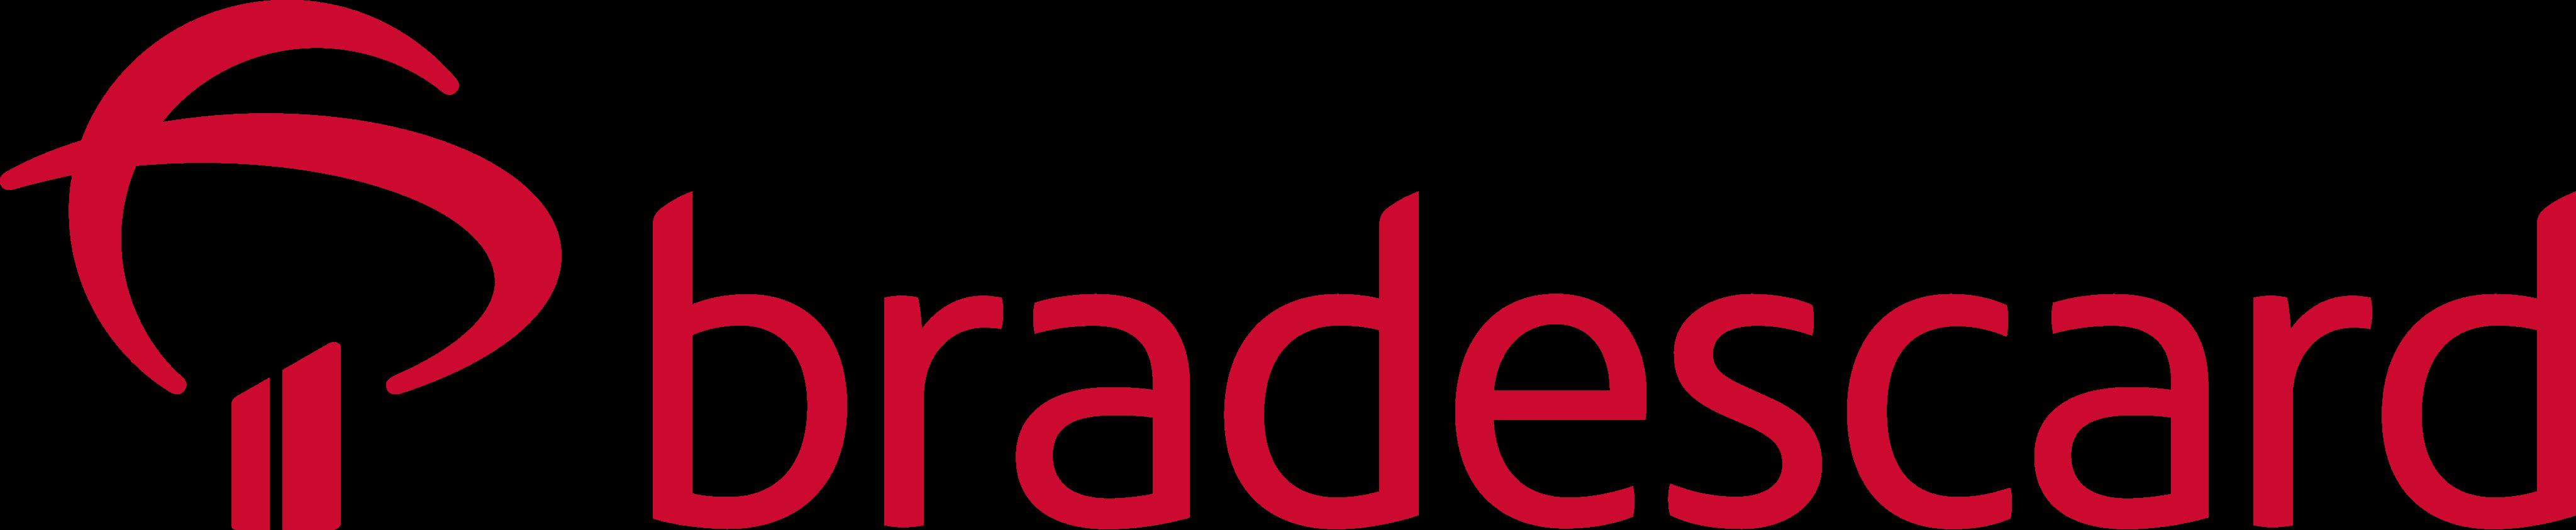 Bradescard Logo.